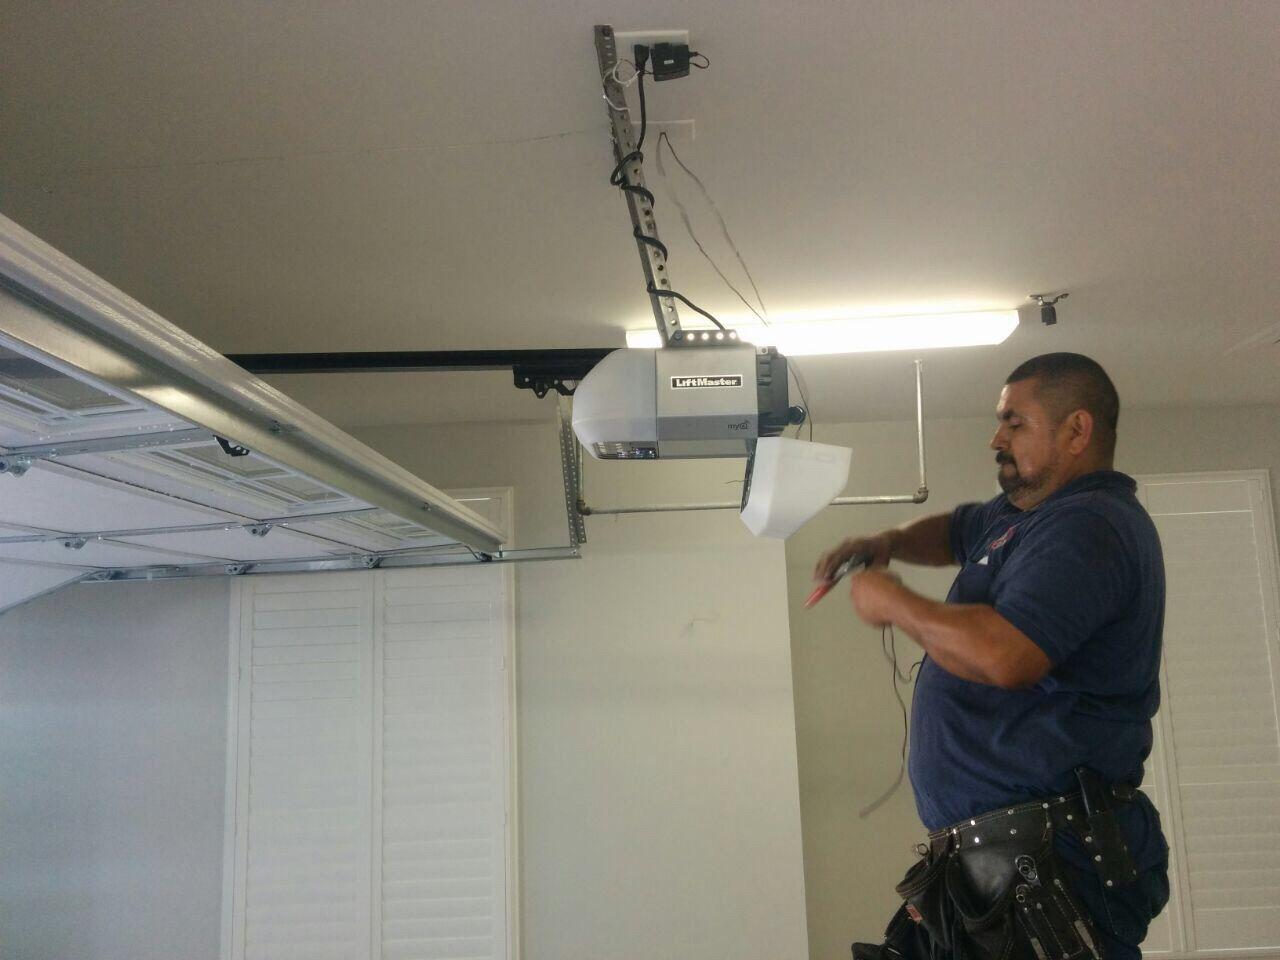 What Garage Door Opener Should I Buy? Overhead Garage